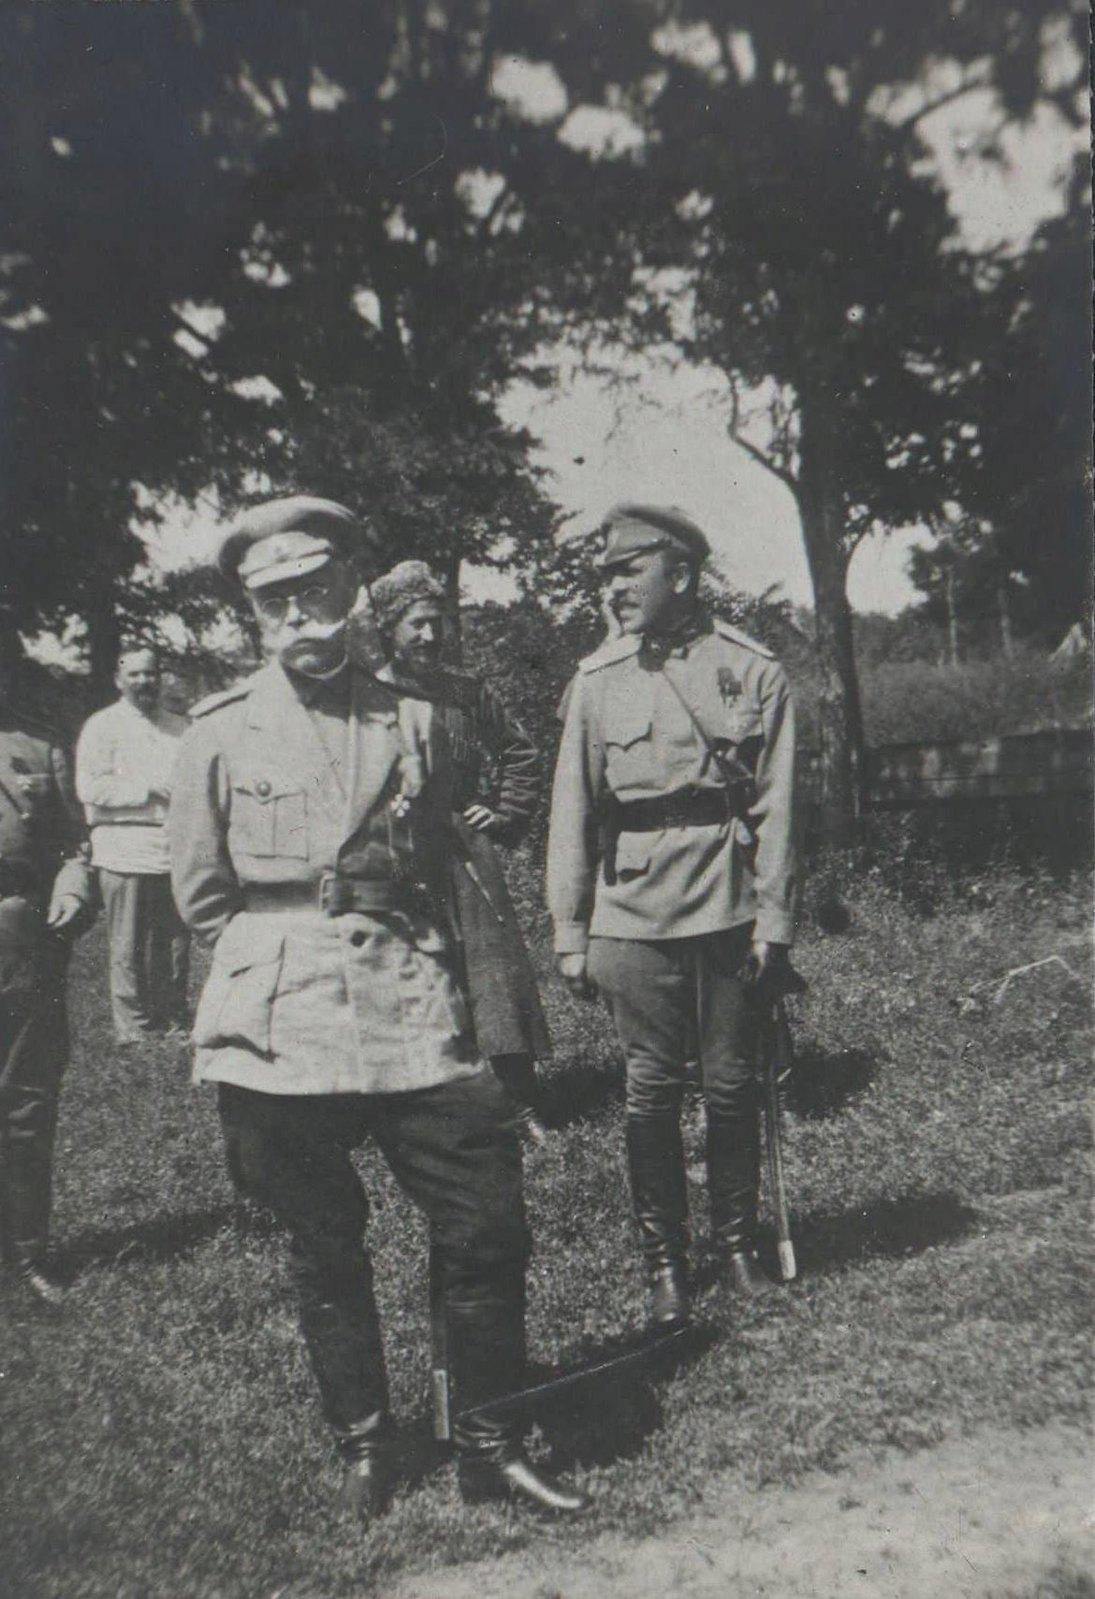 26. Верховный руководитель Добровольческой армии генерал М. В. Алексеев на фронте незадолго до смерти